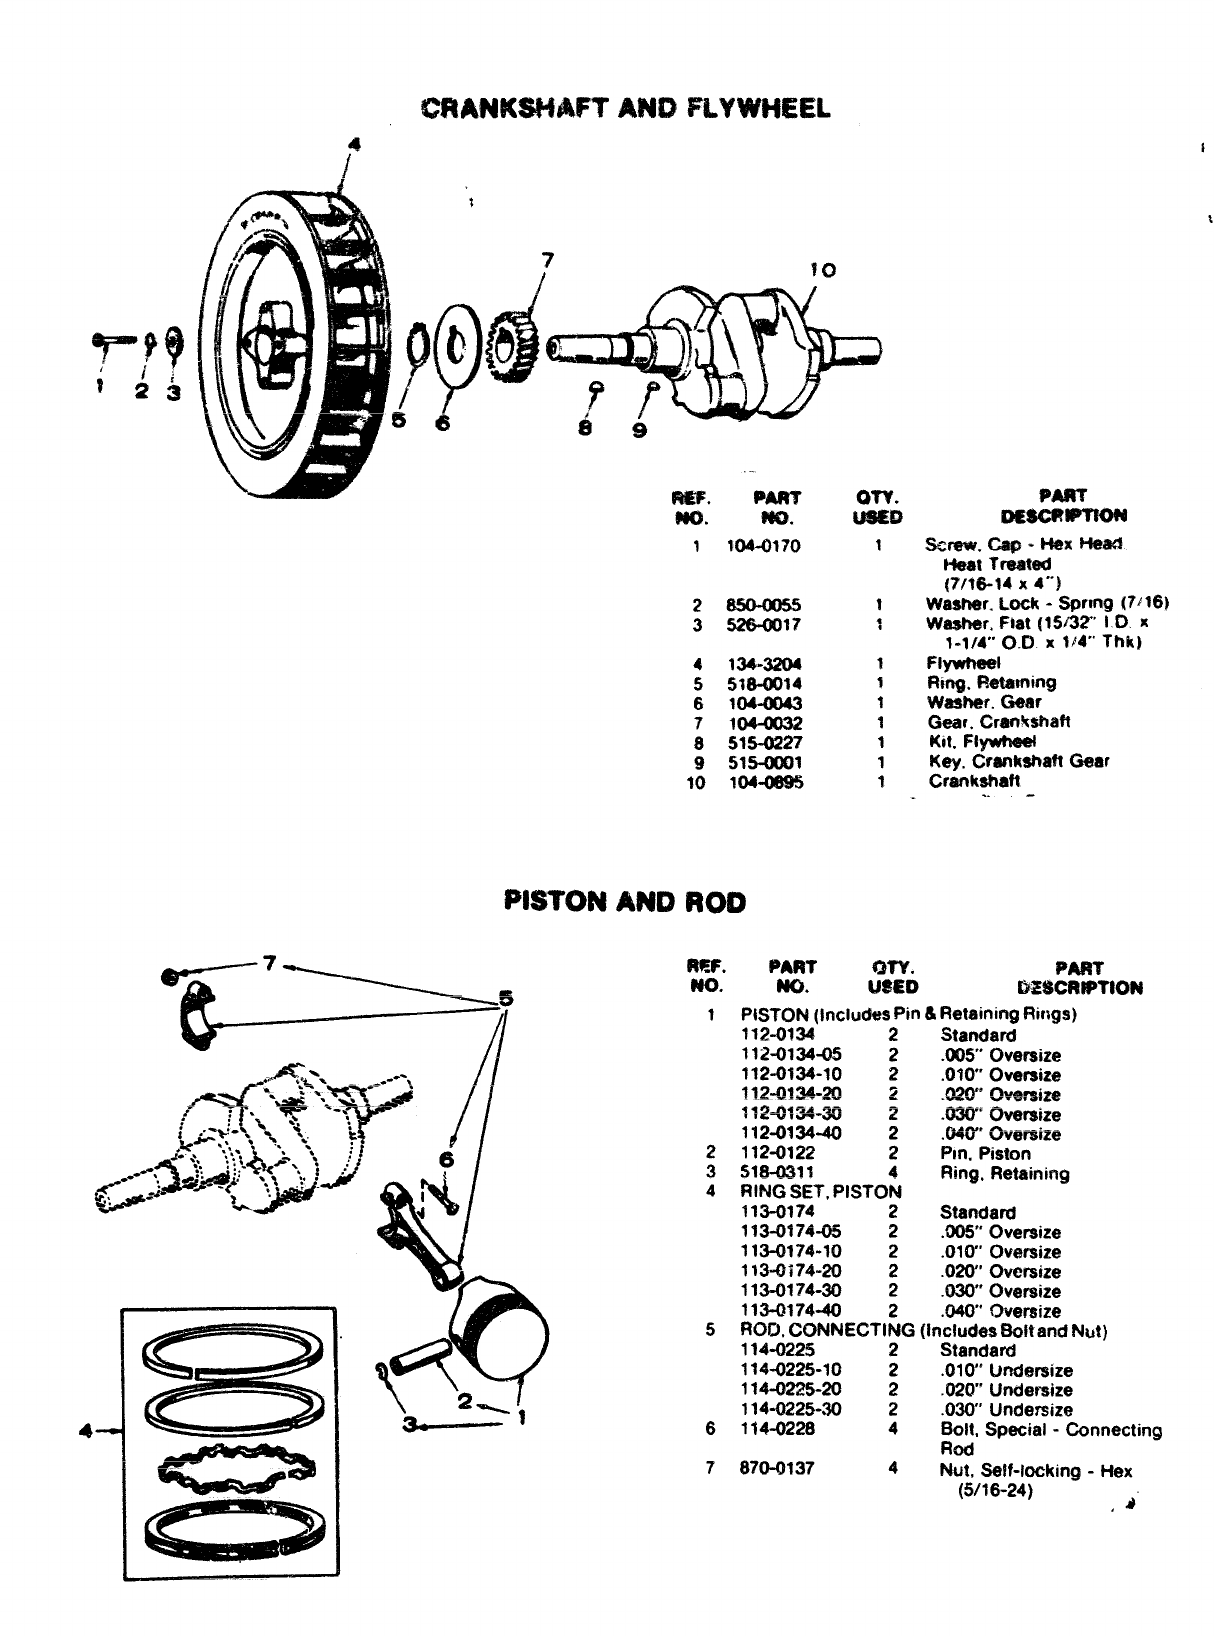 Zpw2245 965 0220 Onan Bf Spec A B Rv Genset Parts Manual 3204 Cat Engine Diagram Crankshaft